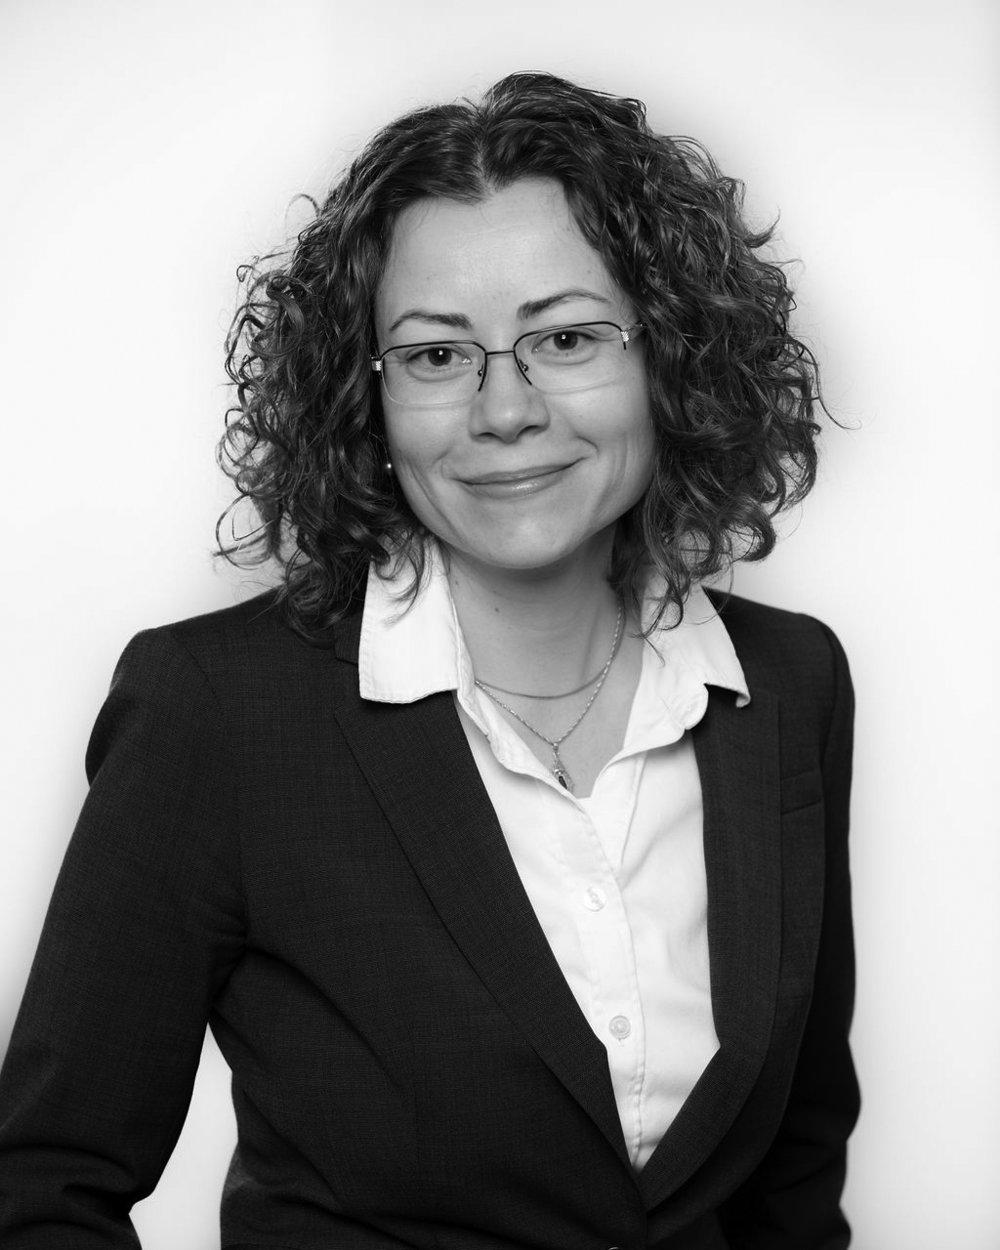 Nora Nestor - Chief Financial Officer